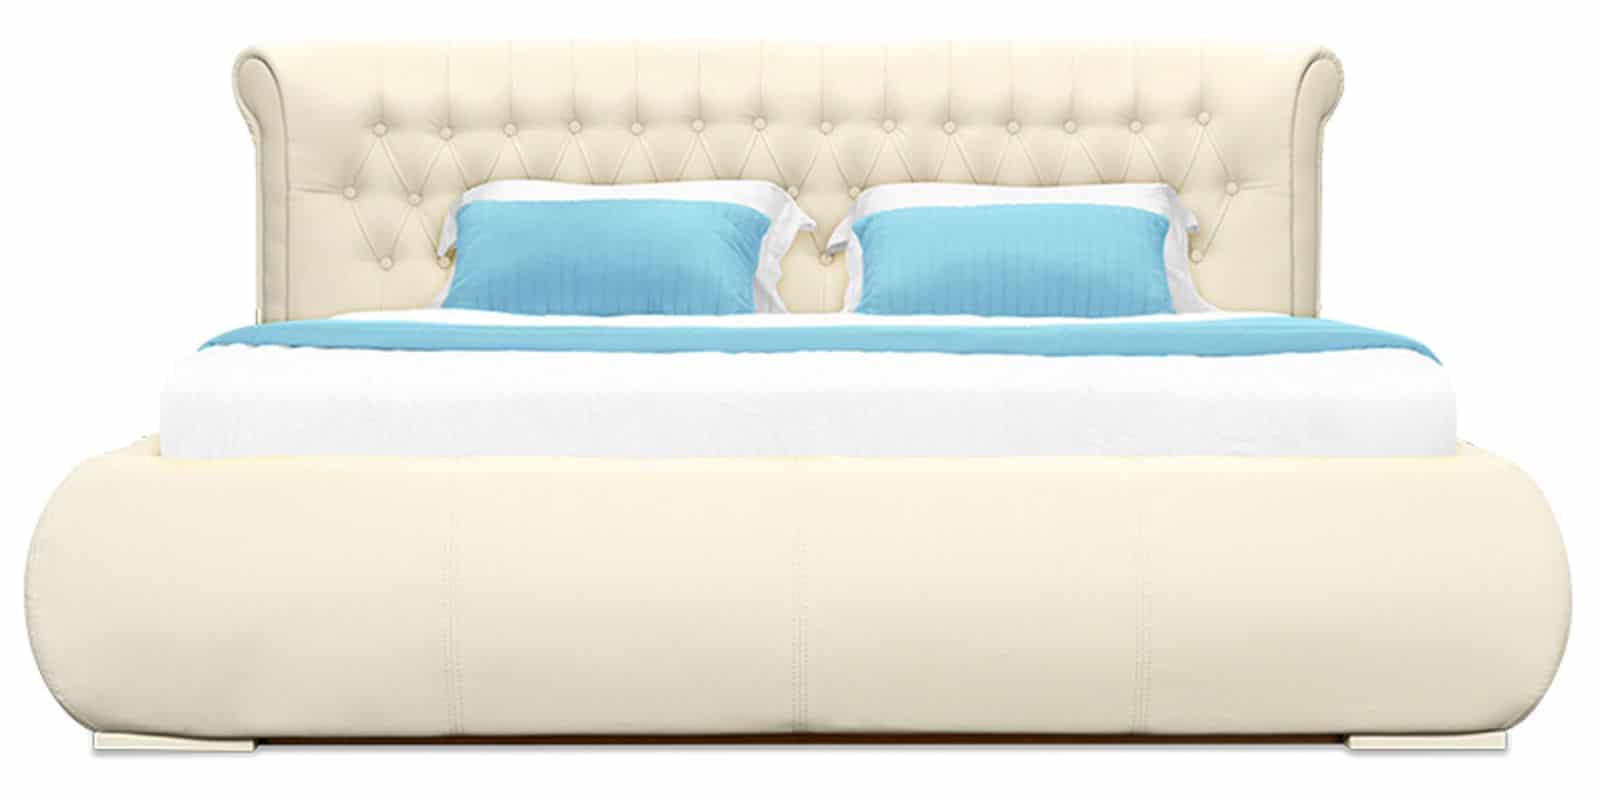 Мягкая кровать Вирджиния 160см экокожа молочного цвета фото 3 | интернет-магазин Складно